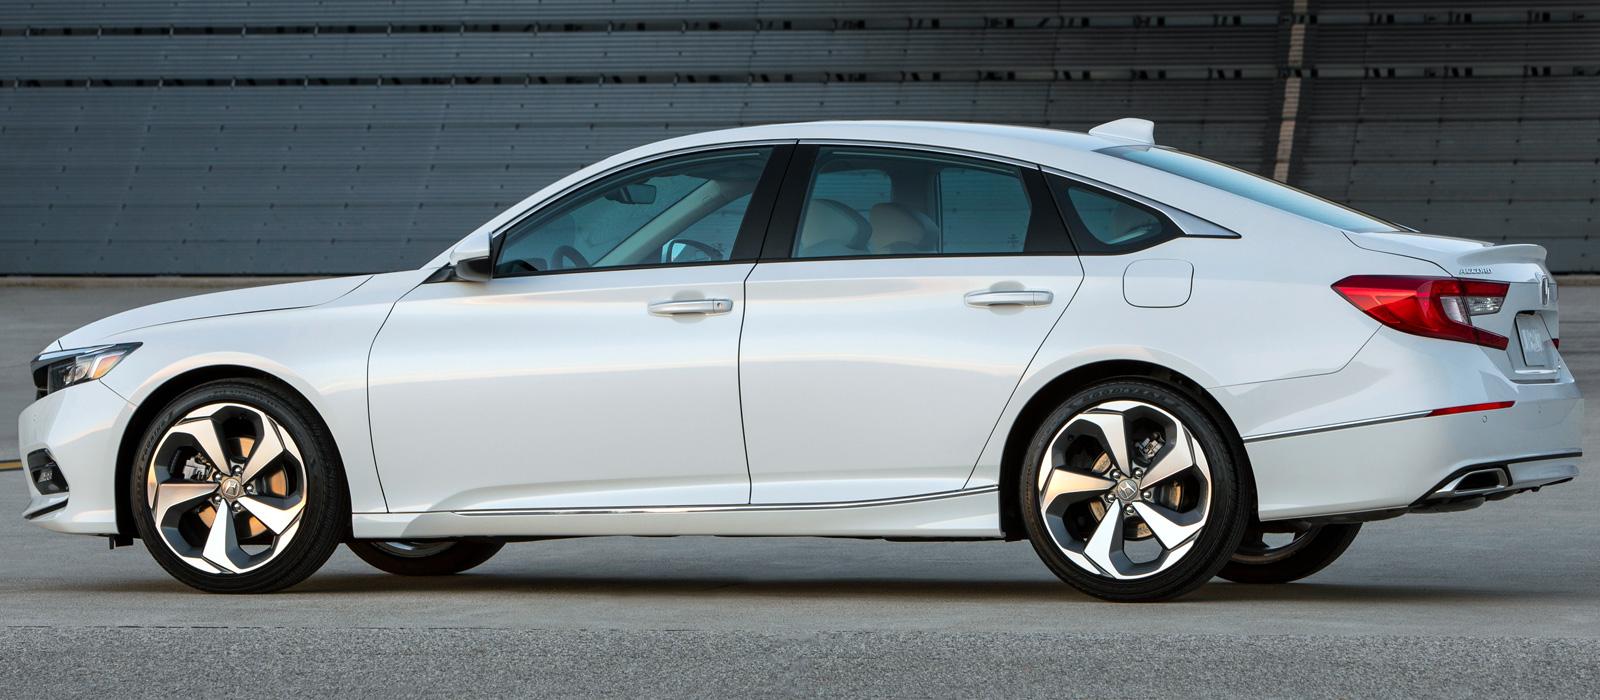 Смотреть Новый Honda Accord 10 поколения 2019 | фото, цена видео